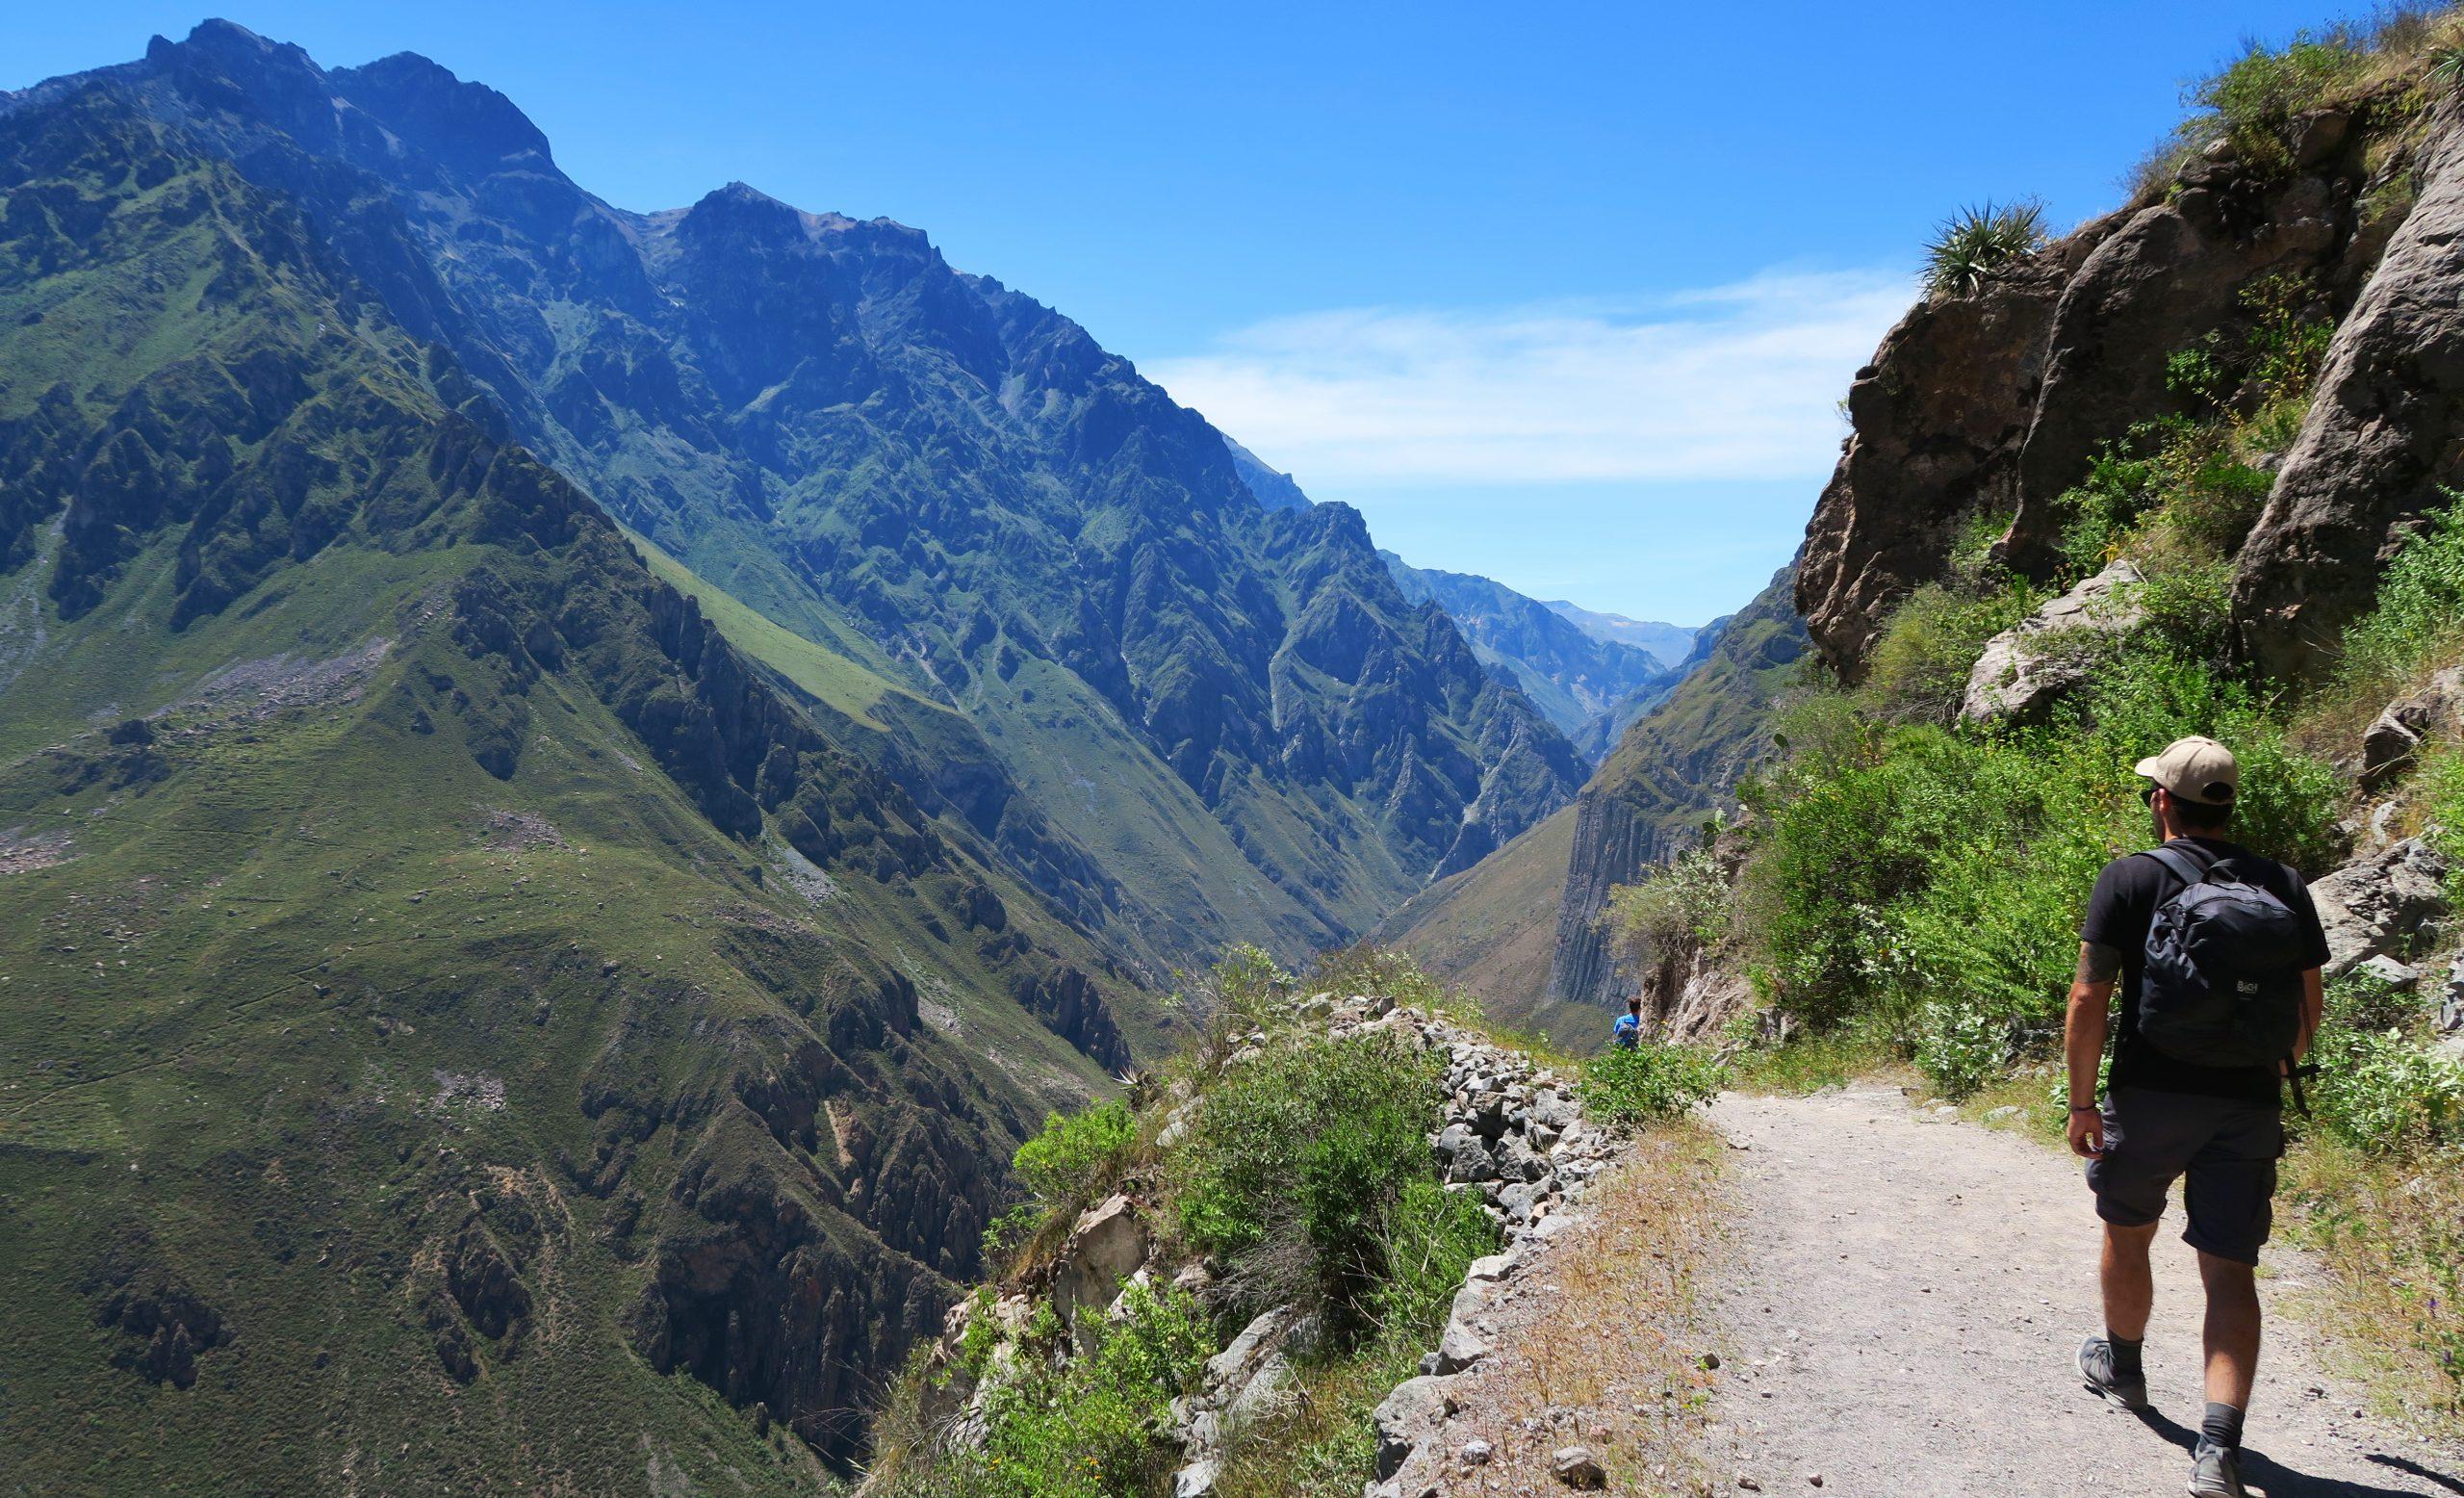 Man Walking the Colca Canyon Trail